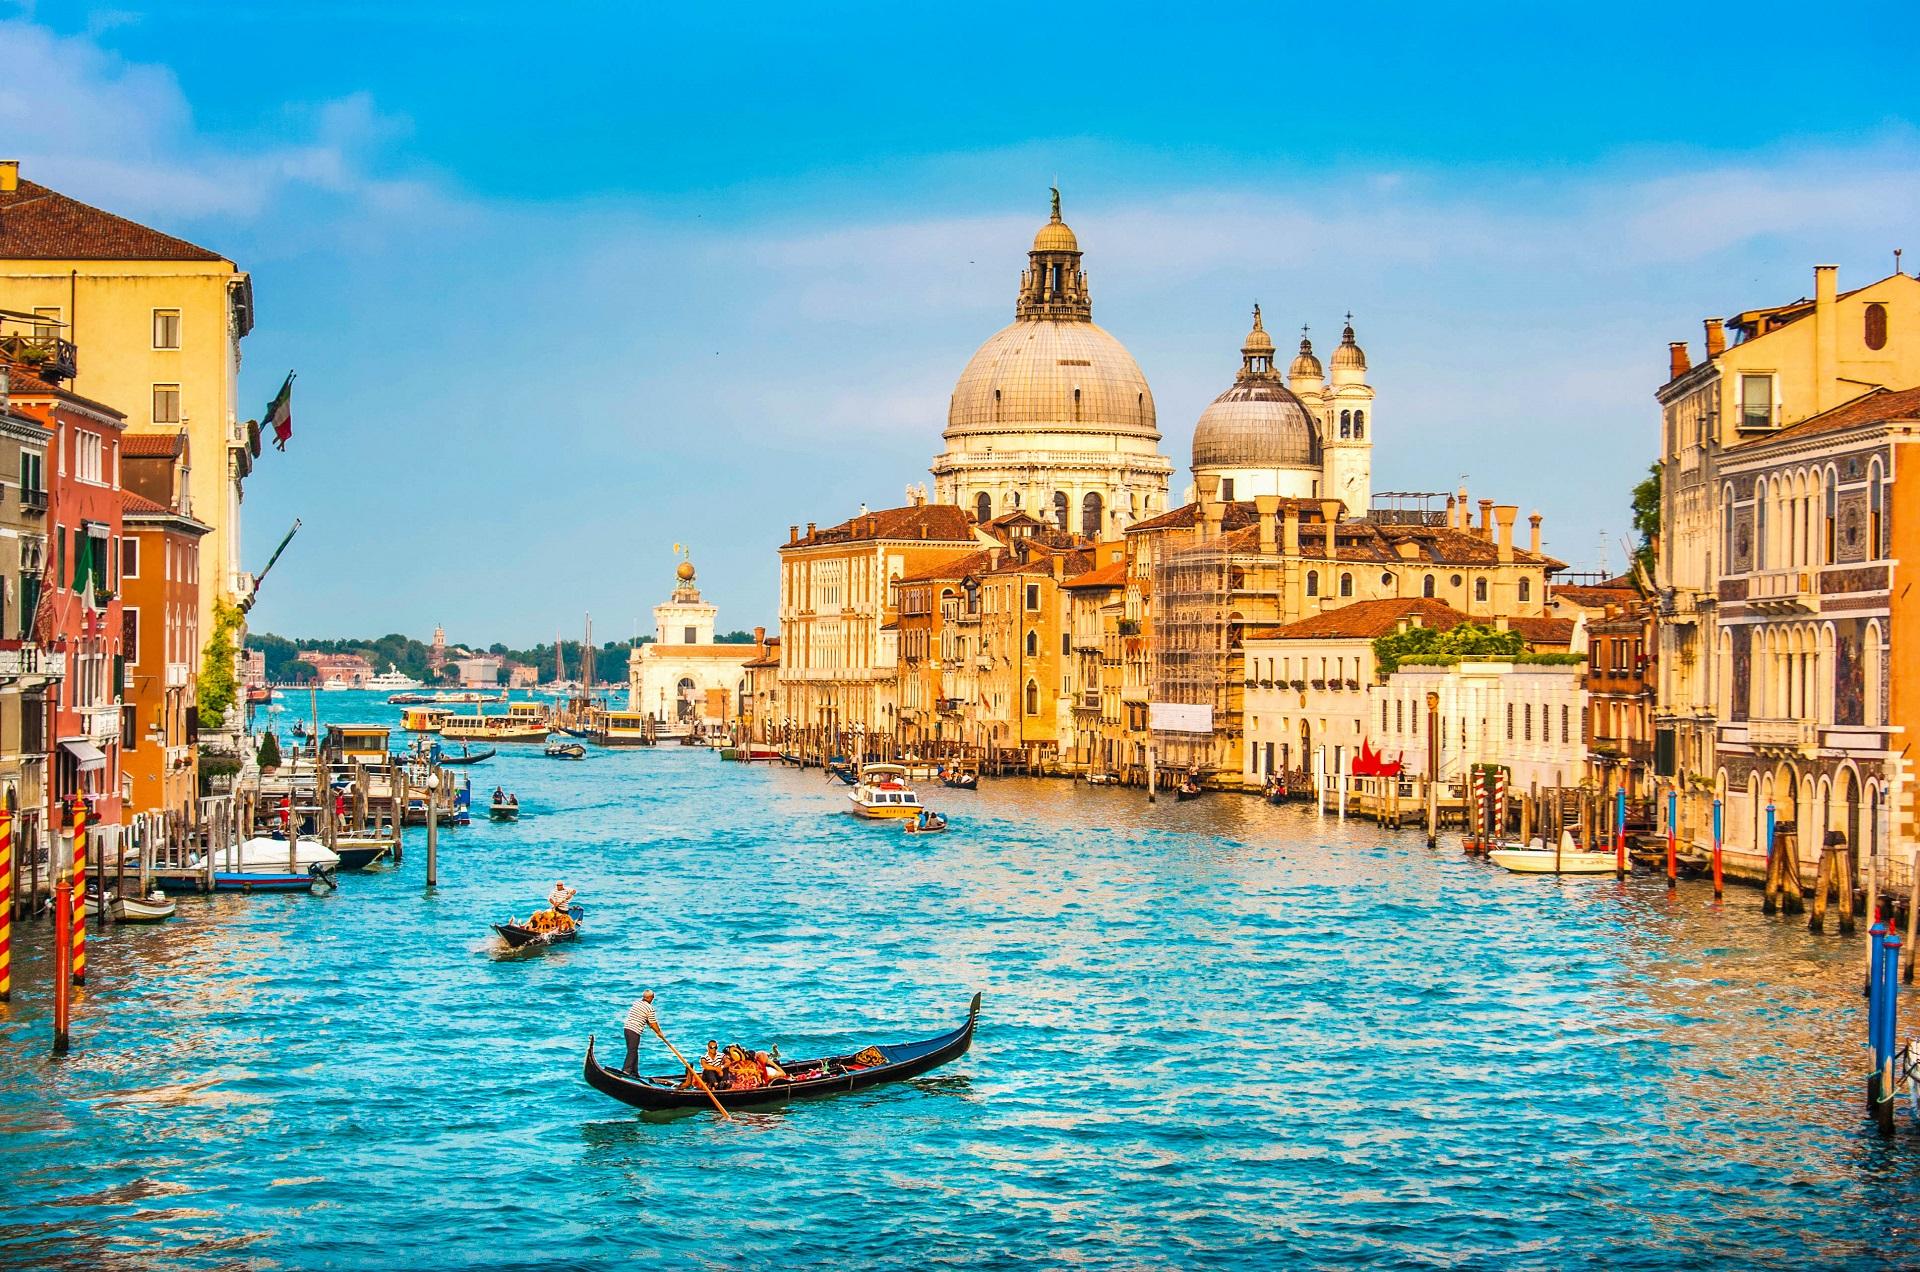 Hin- und Rückflug von Frankfurt Hahn nach Venedig für 10€